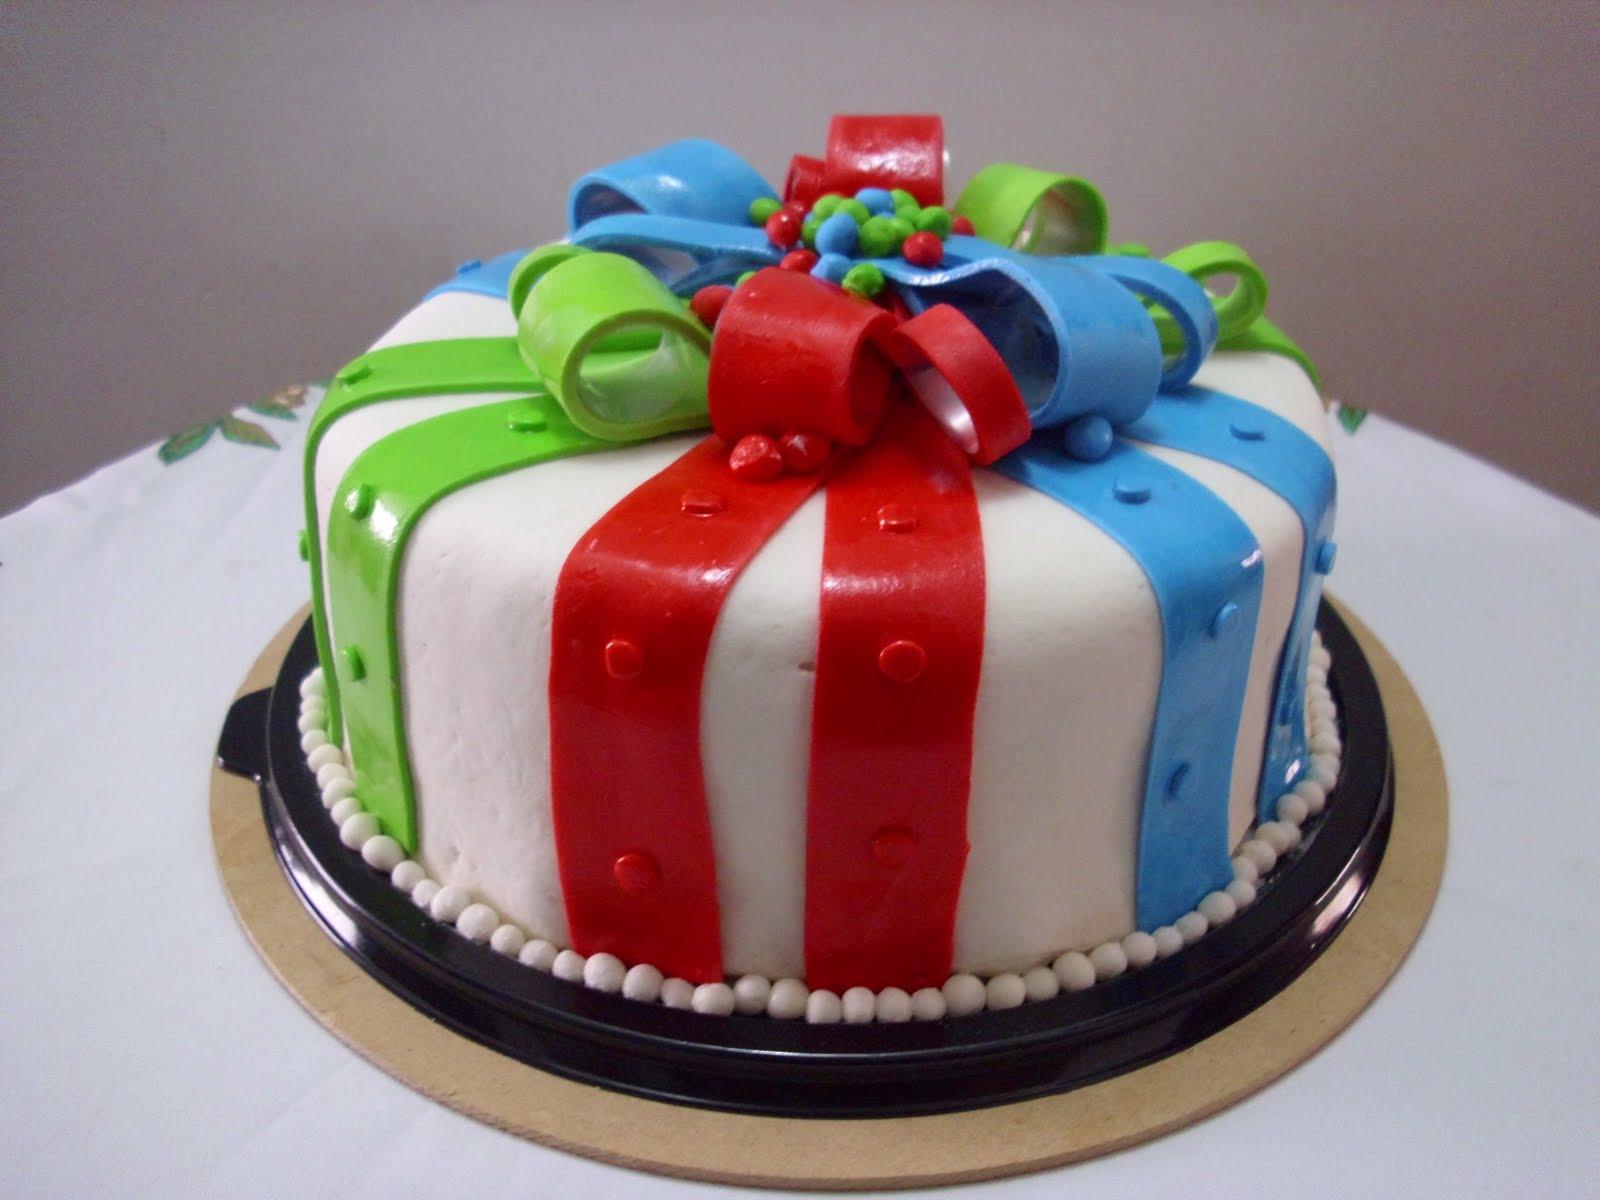 Torta de cintas de colores! (Cobertura en masmelo)